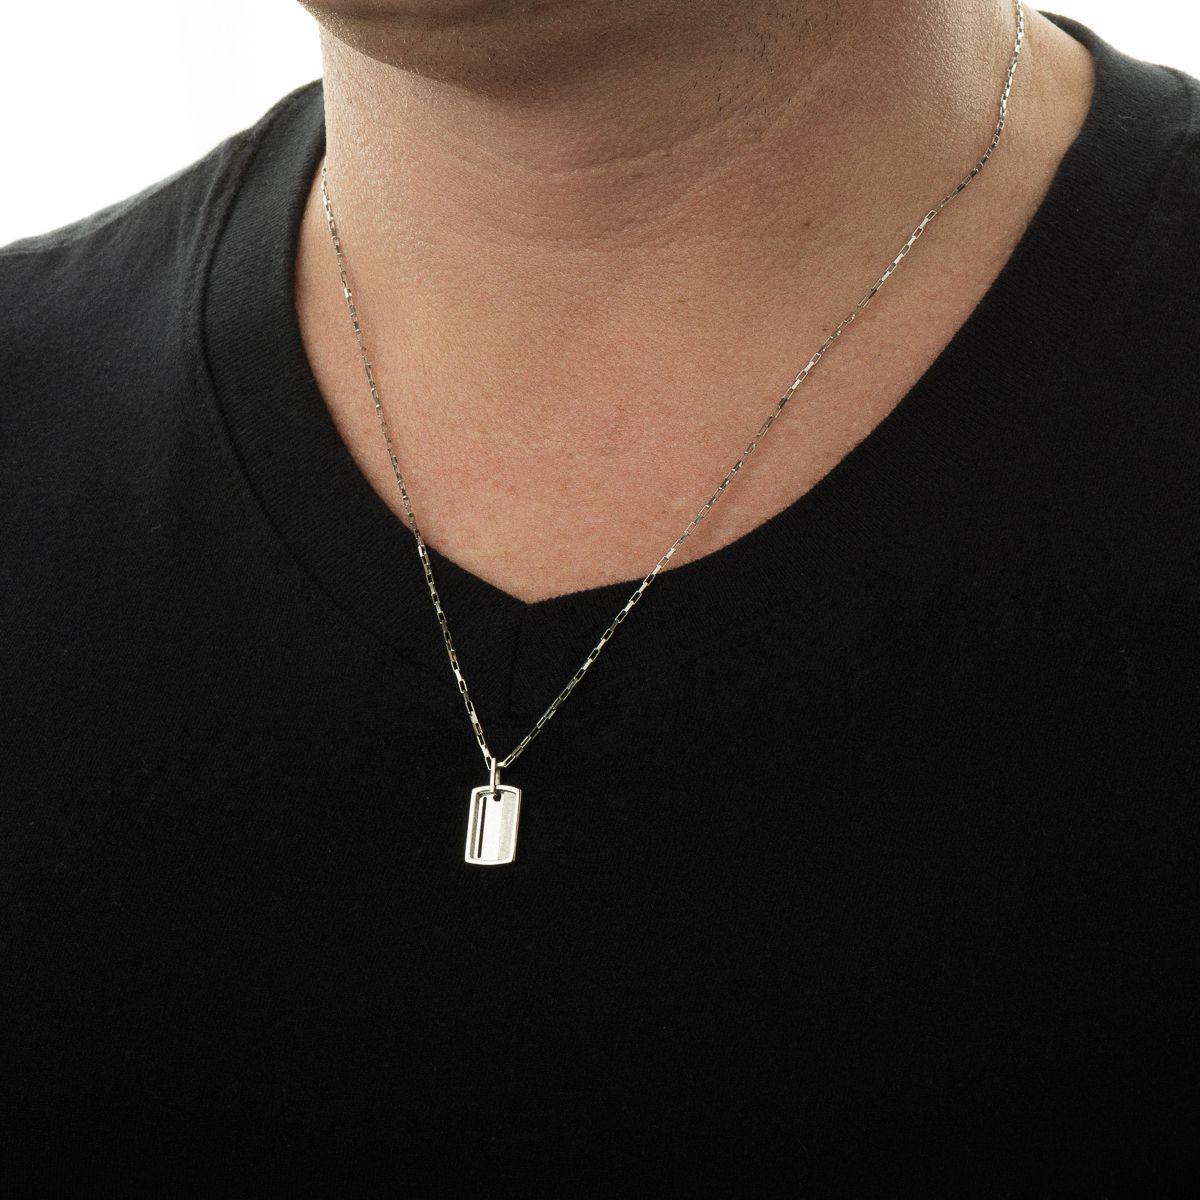 Pingente de Ouro Branco 18k Placa Retangular pi17953 - Joiasgold R   1.004,85 à vista. Adicionar à sacola 839a791a12